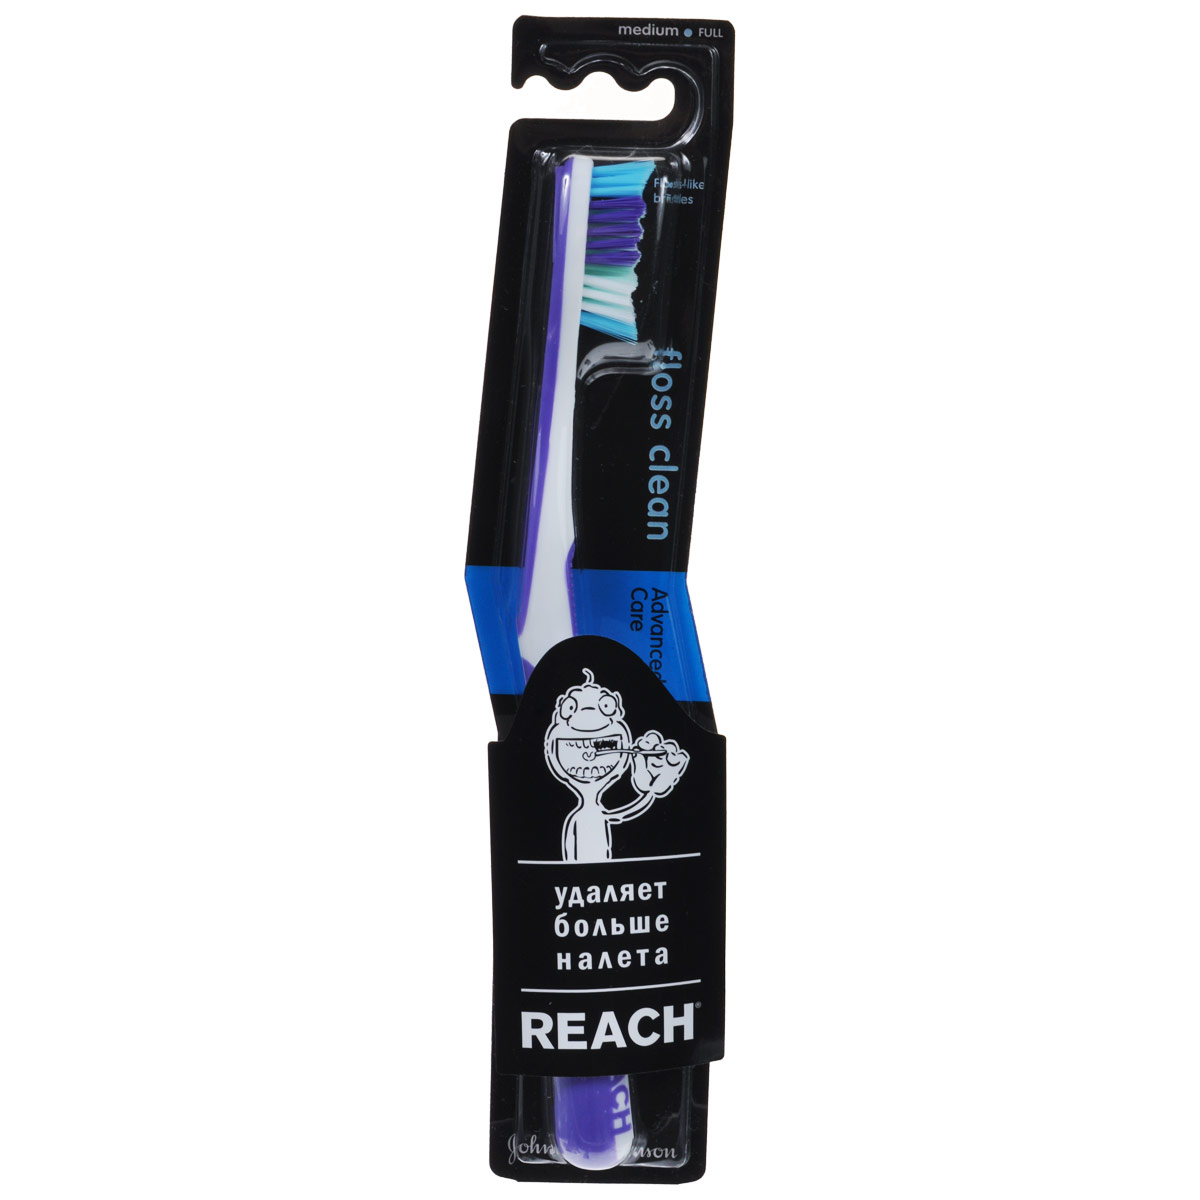 Reach Зубная щетка Floss Clean, средней жесткости5010777139655Уникальные тонкие щетинки глубоко проникают в самые узкие межзубные промежутки и превосходно очищают все поверхности зуба, как после использования зубной щетки и нити (флосса), поэтому щетка называется FLOSS CLEAN. Удаляет до 96% зубного налета даже в самых труднодоступных местах.Клинические исследования доказали, что REACH® Floss Clean удаляет зубной налет со всех пяти поверхностей зубов. Три уровня жесткости щетины: жесткая, средняя, экстра-мягкая (для чувствительных зубов).Товар сертифицирован.